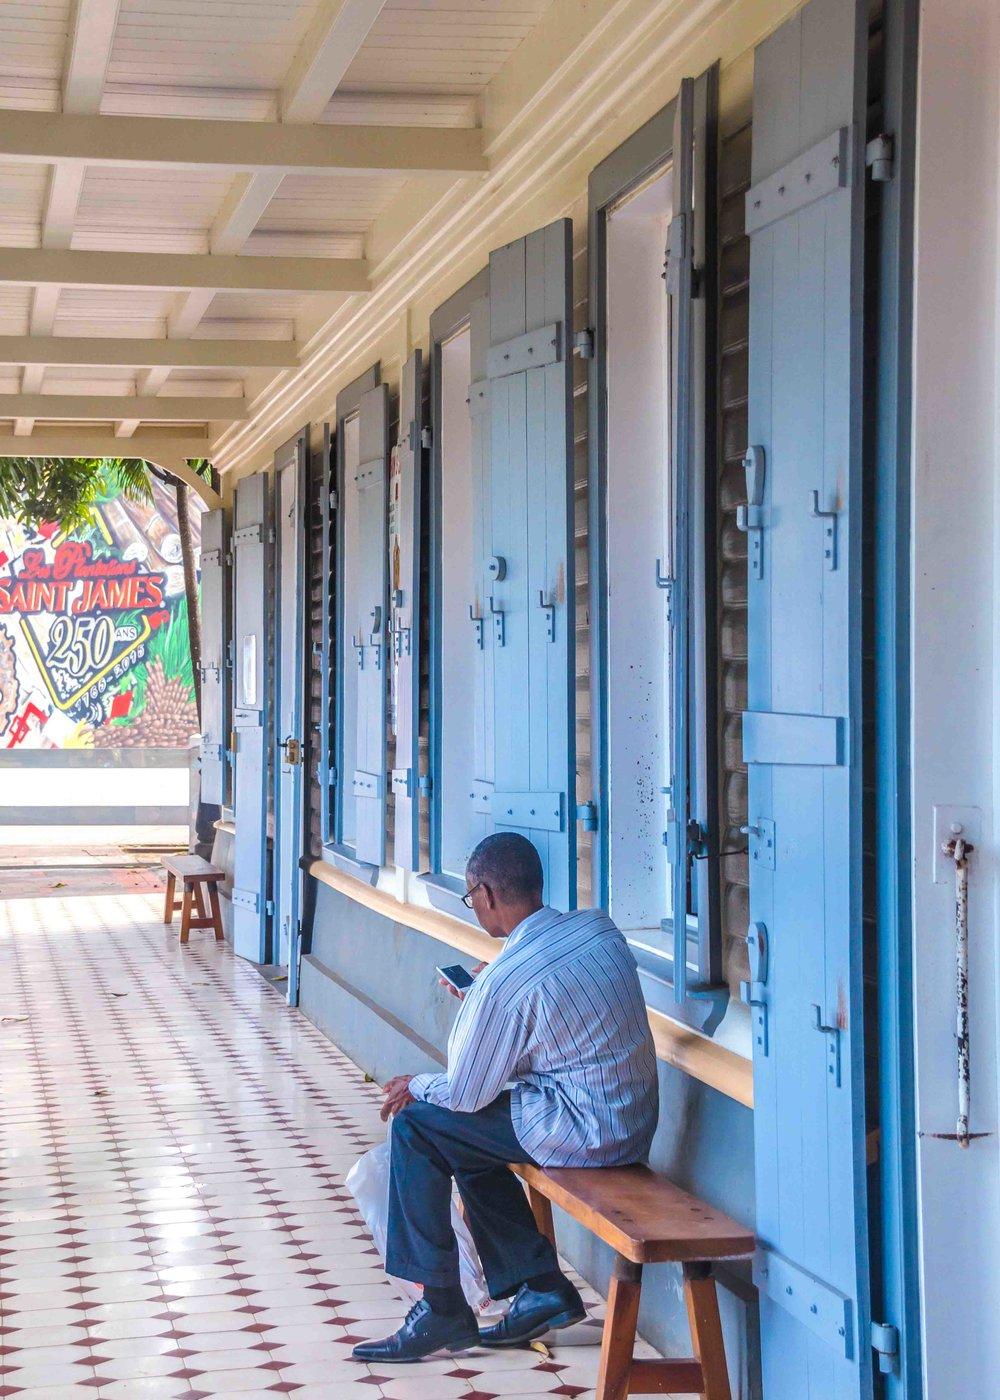 martinique, distillerie saint-james : homme assis sur veranda